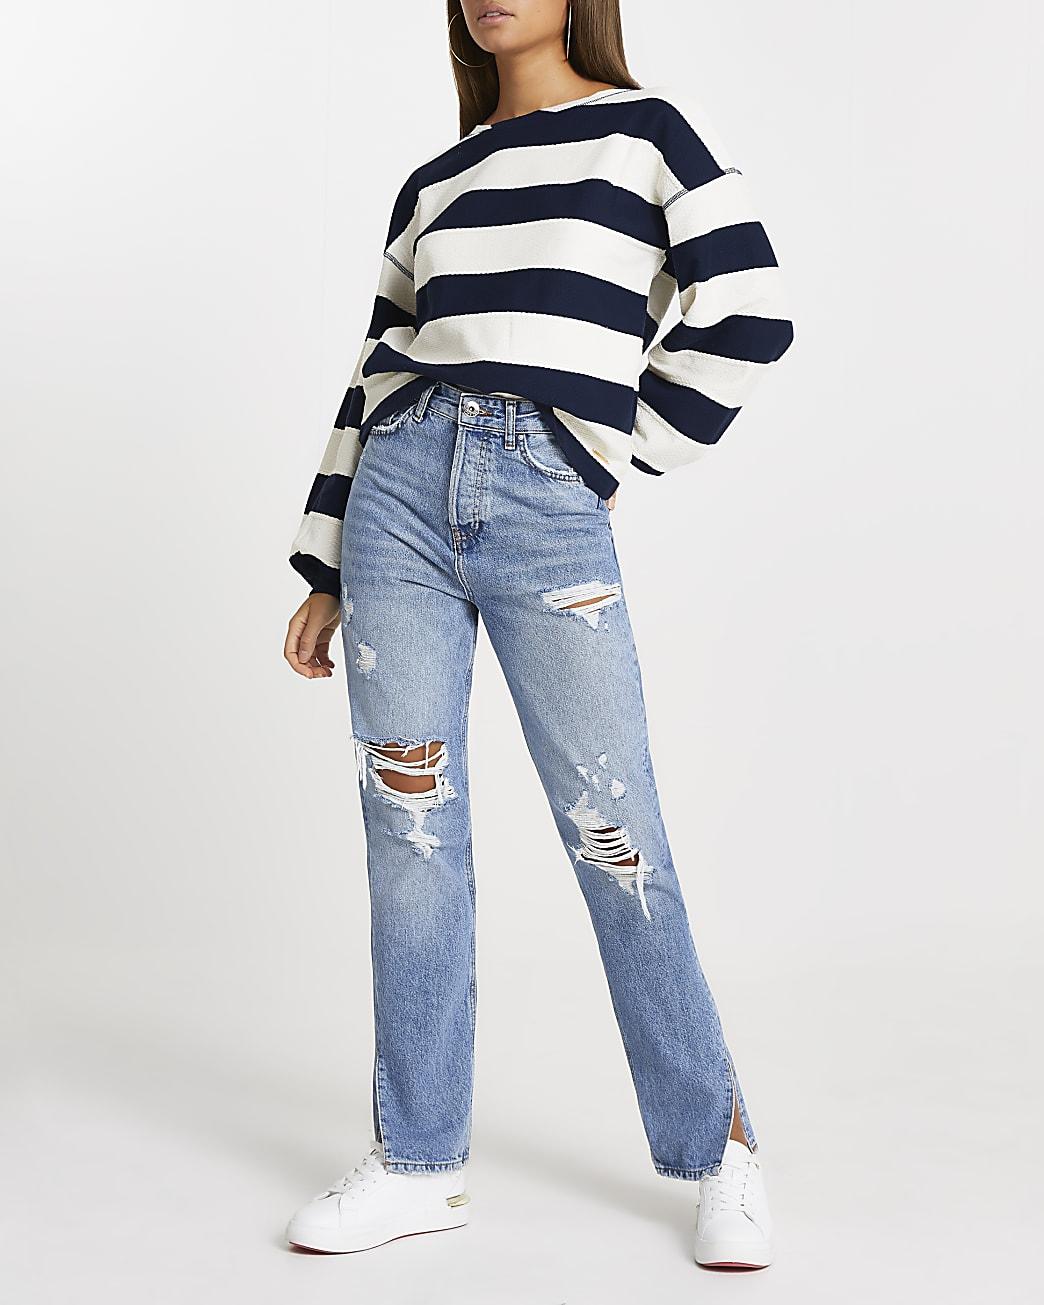 Navy wide stripe textured sweatshirt